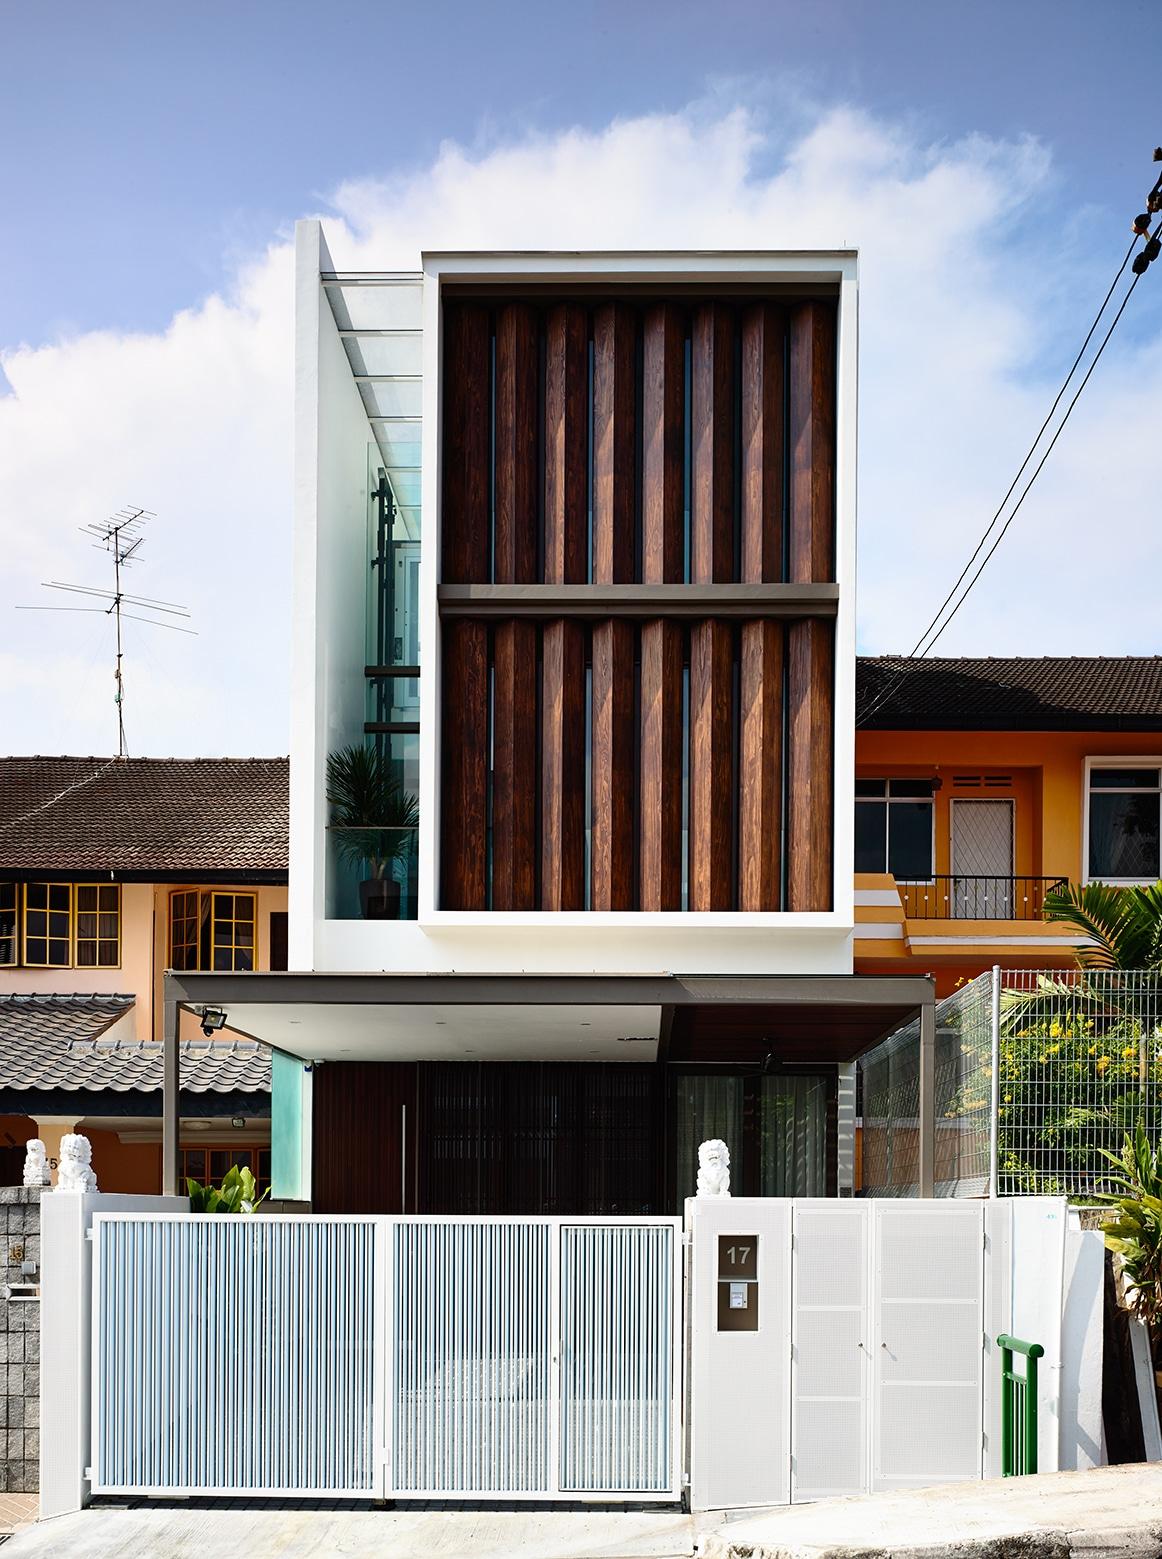 Fachadas modernas de casas de dos pisos for Casas de madera modernas